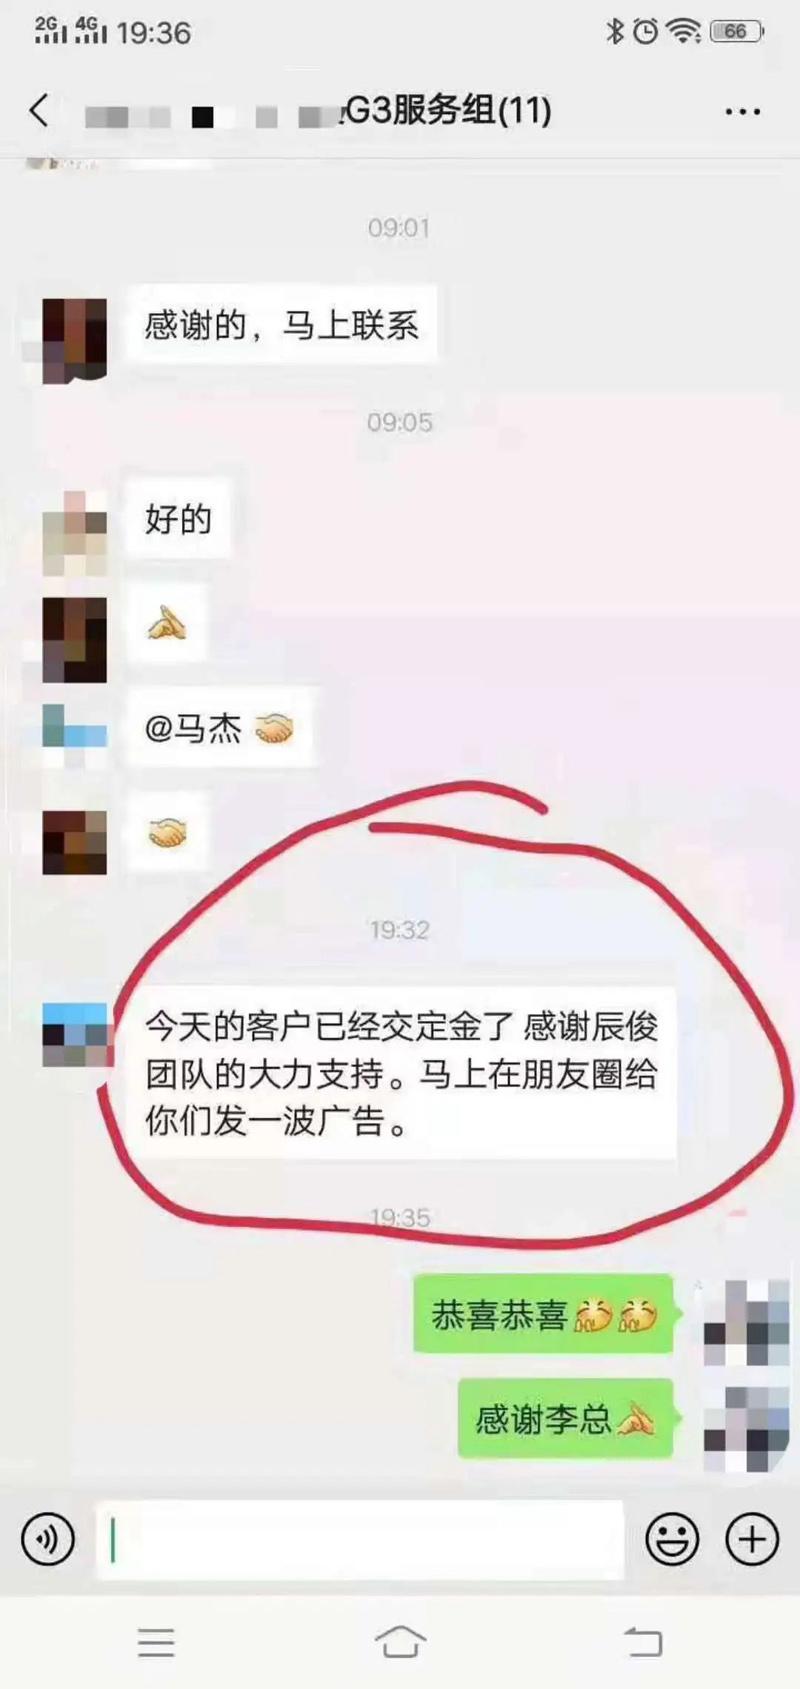 G3云推广客户反馈